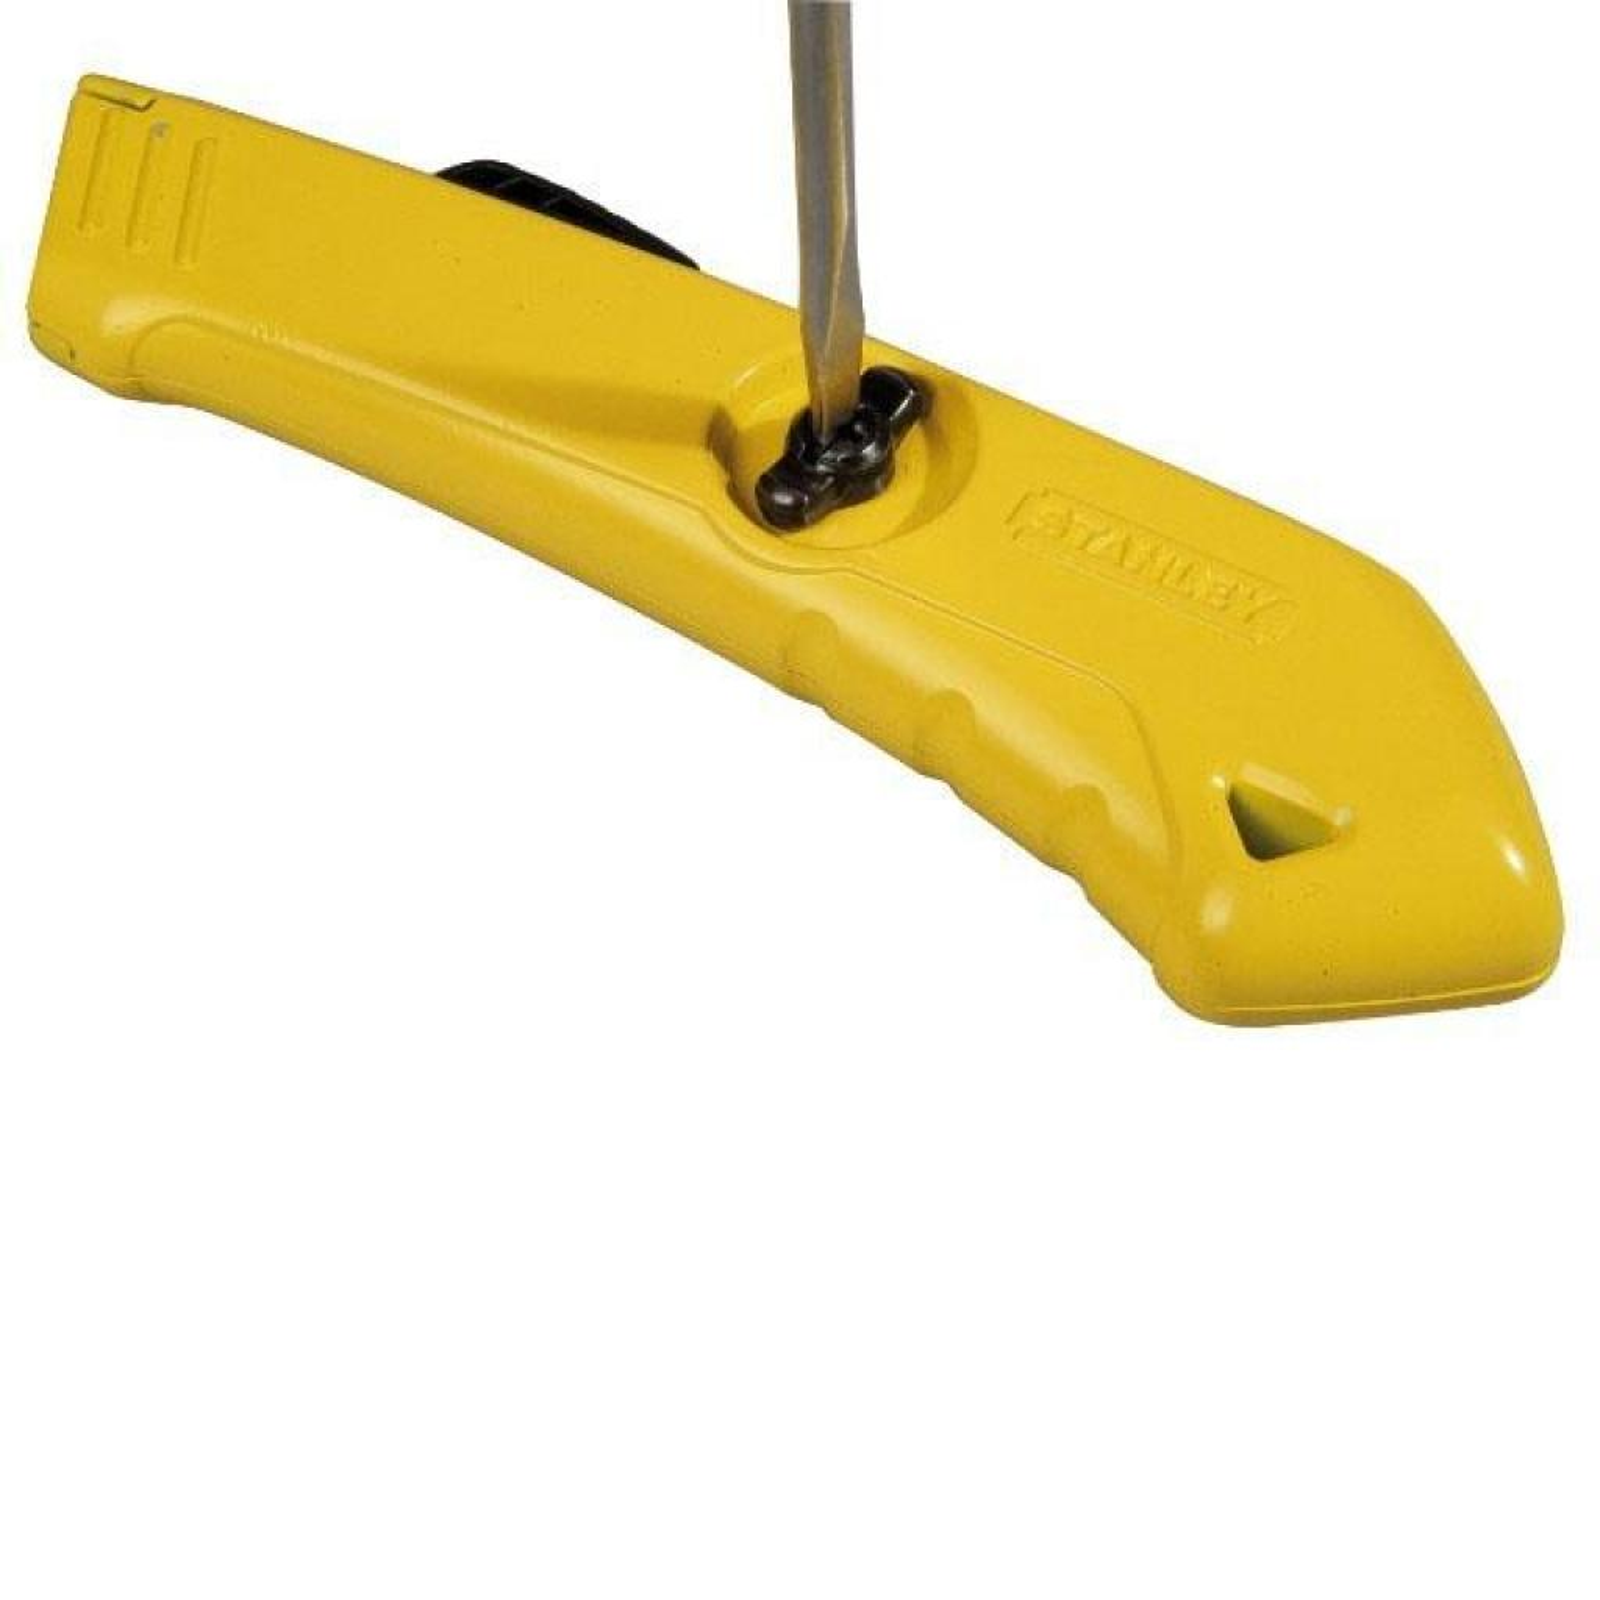 Нож монтажный Stanley безопасный для отделочных работ, L=165мм. (STHT0-10193) изображение 3